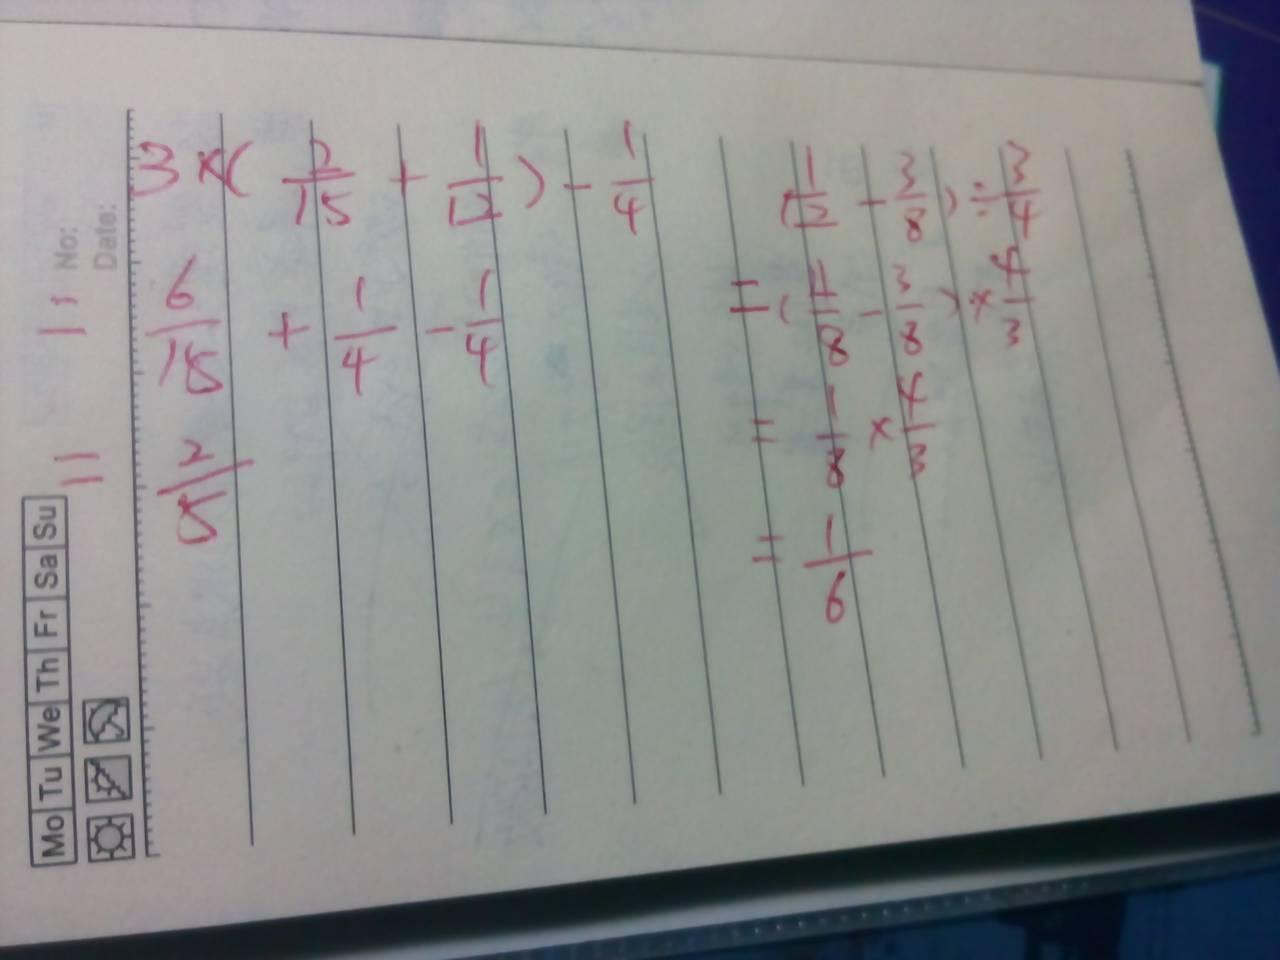 脱式计算,能简算的简算图片